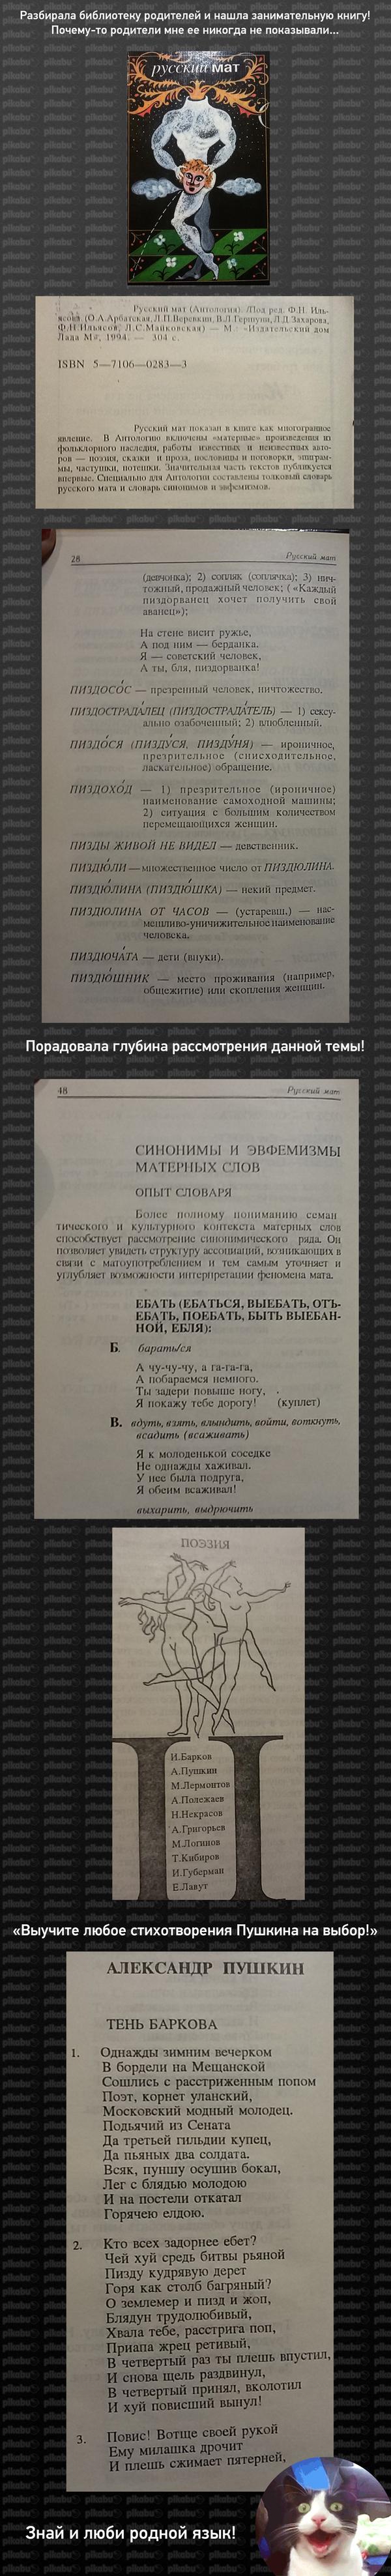 Знай и люби родной язык! Мат, Ильясов, Пушкин, Русская литература, Длиннопост